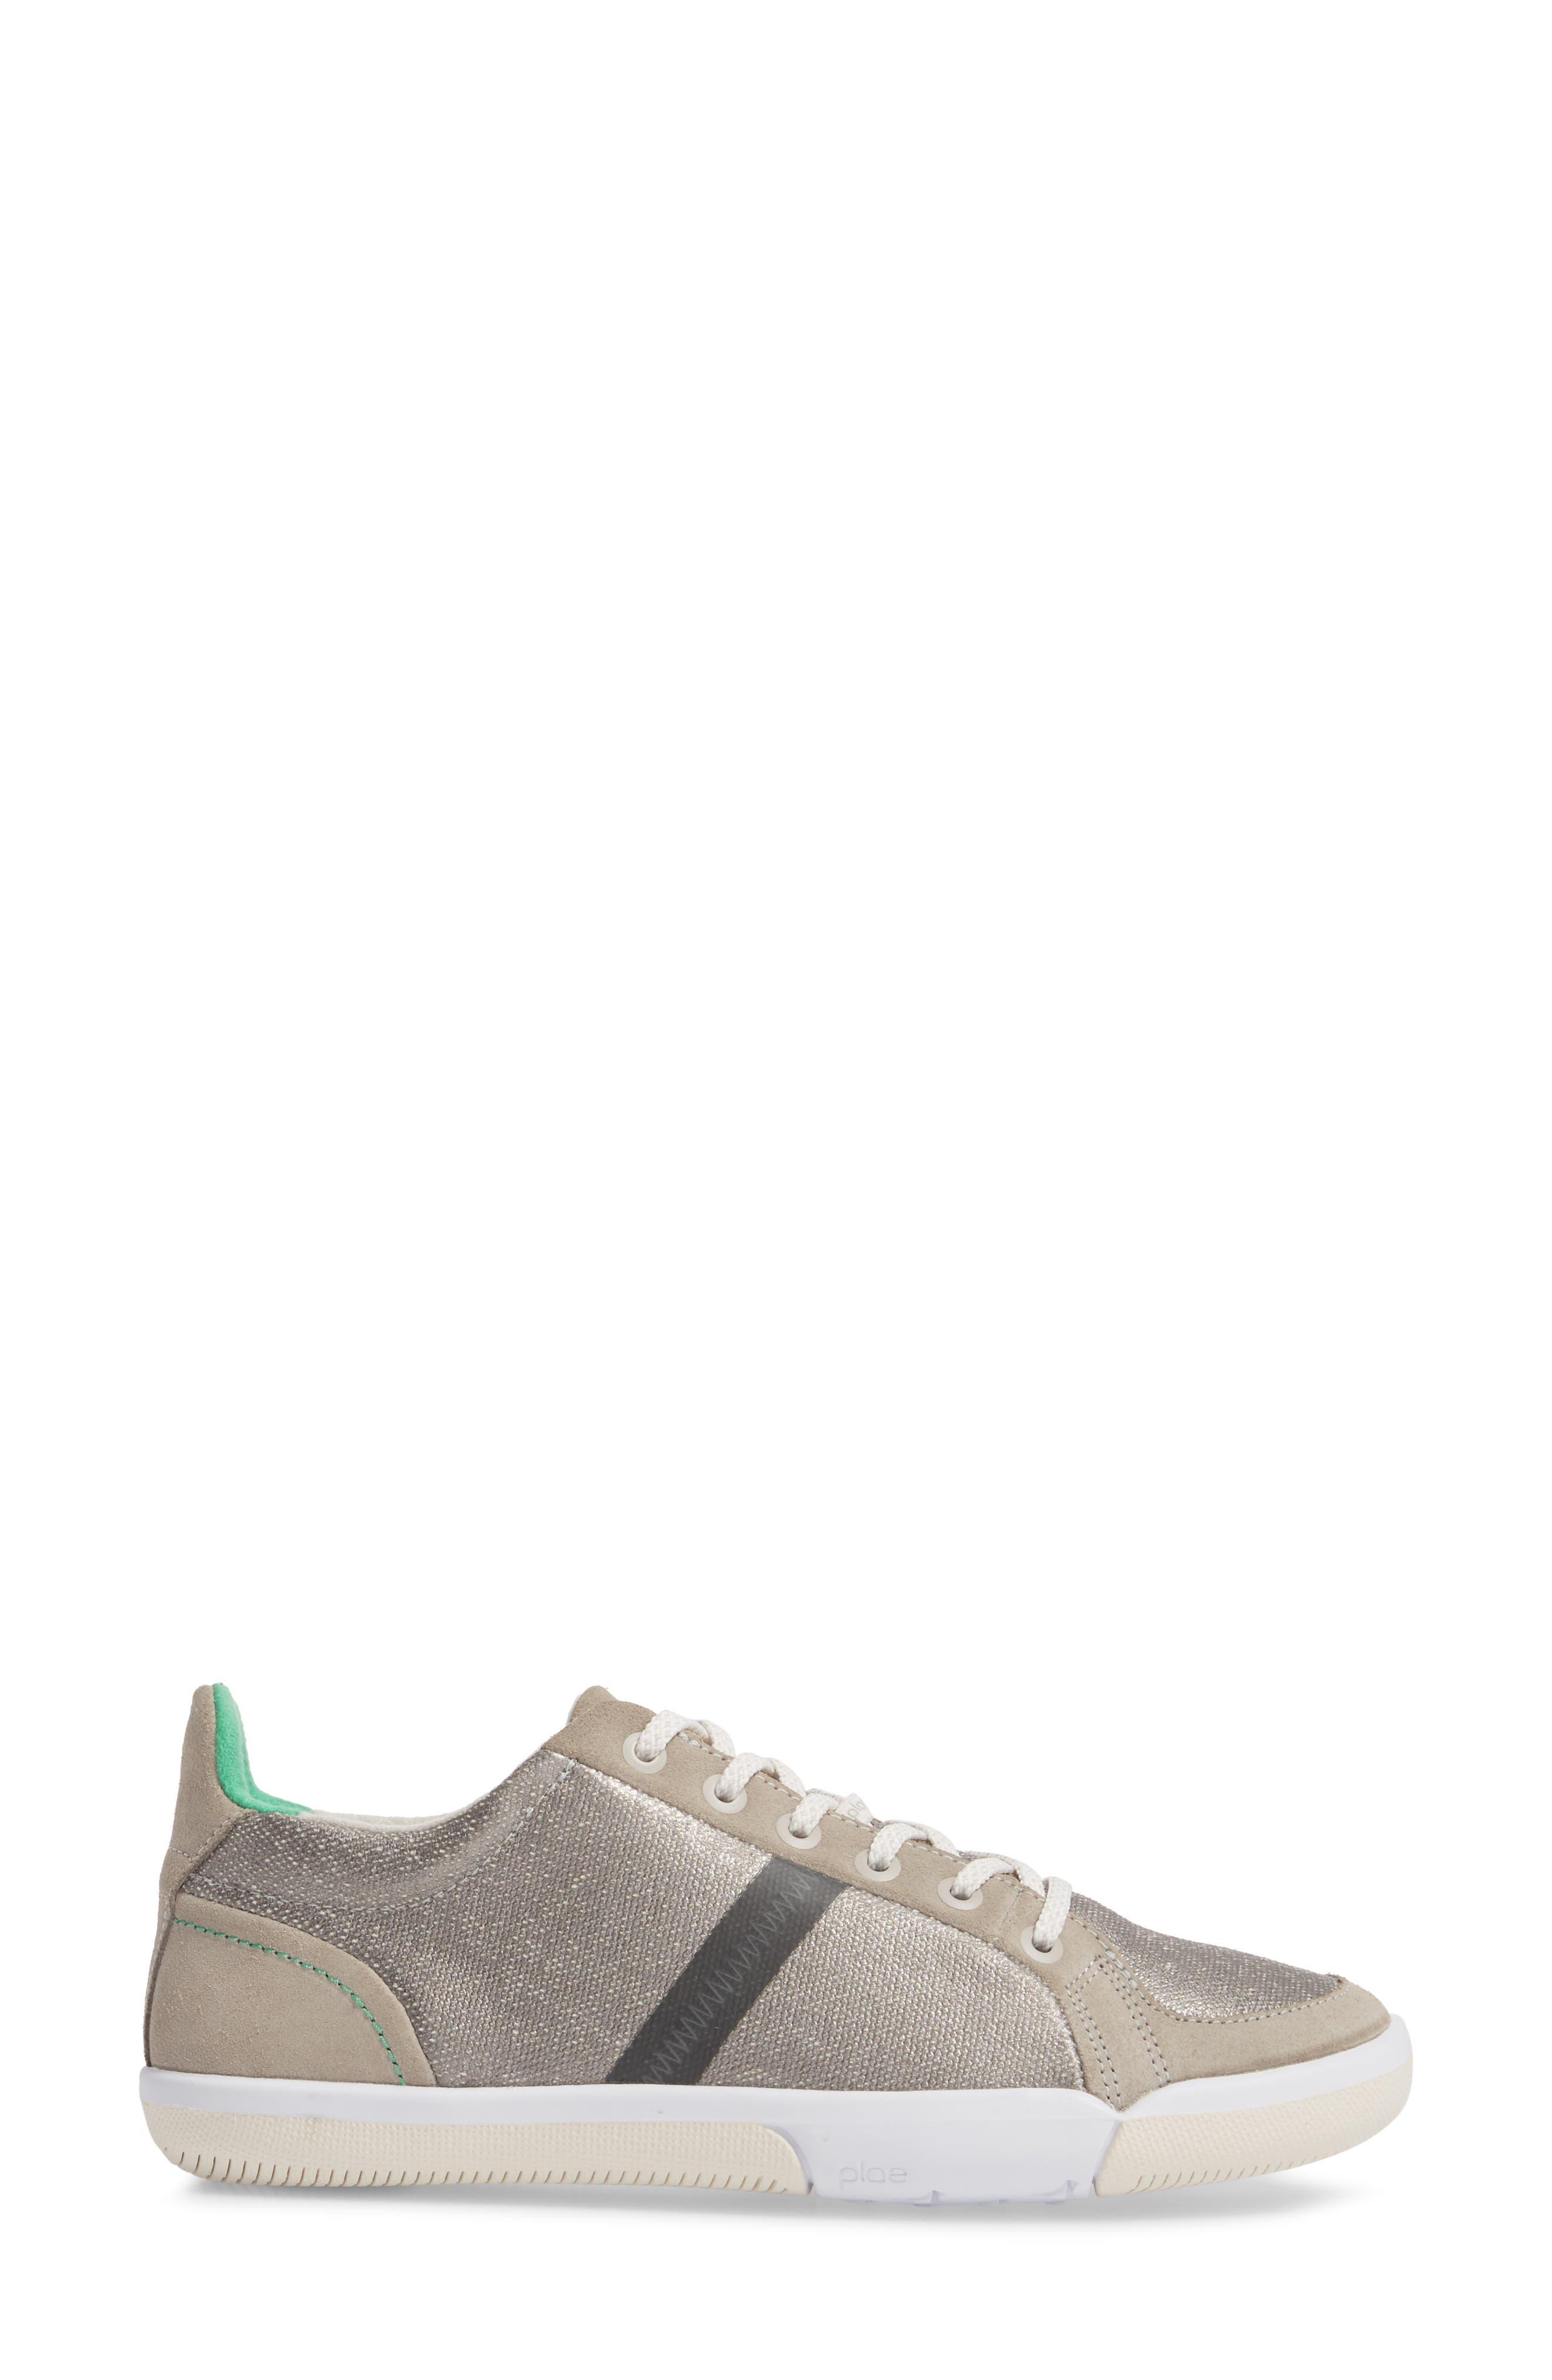 Prospect Sneaker,                             Alternate thumbnail 3, color,                             Grey